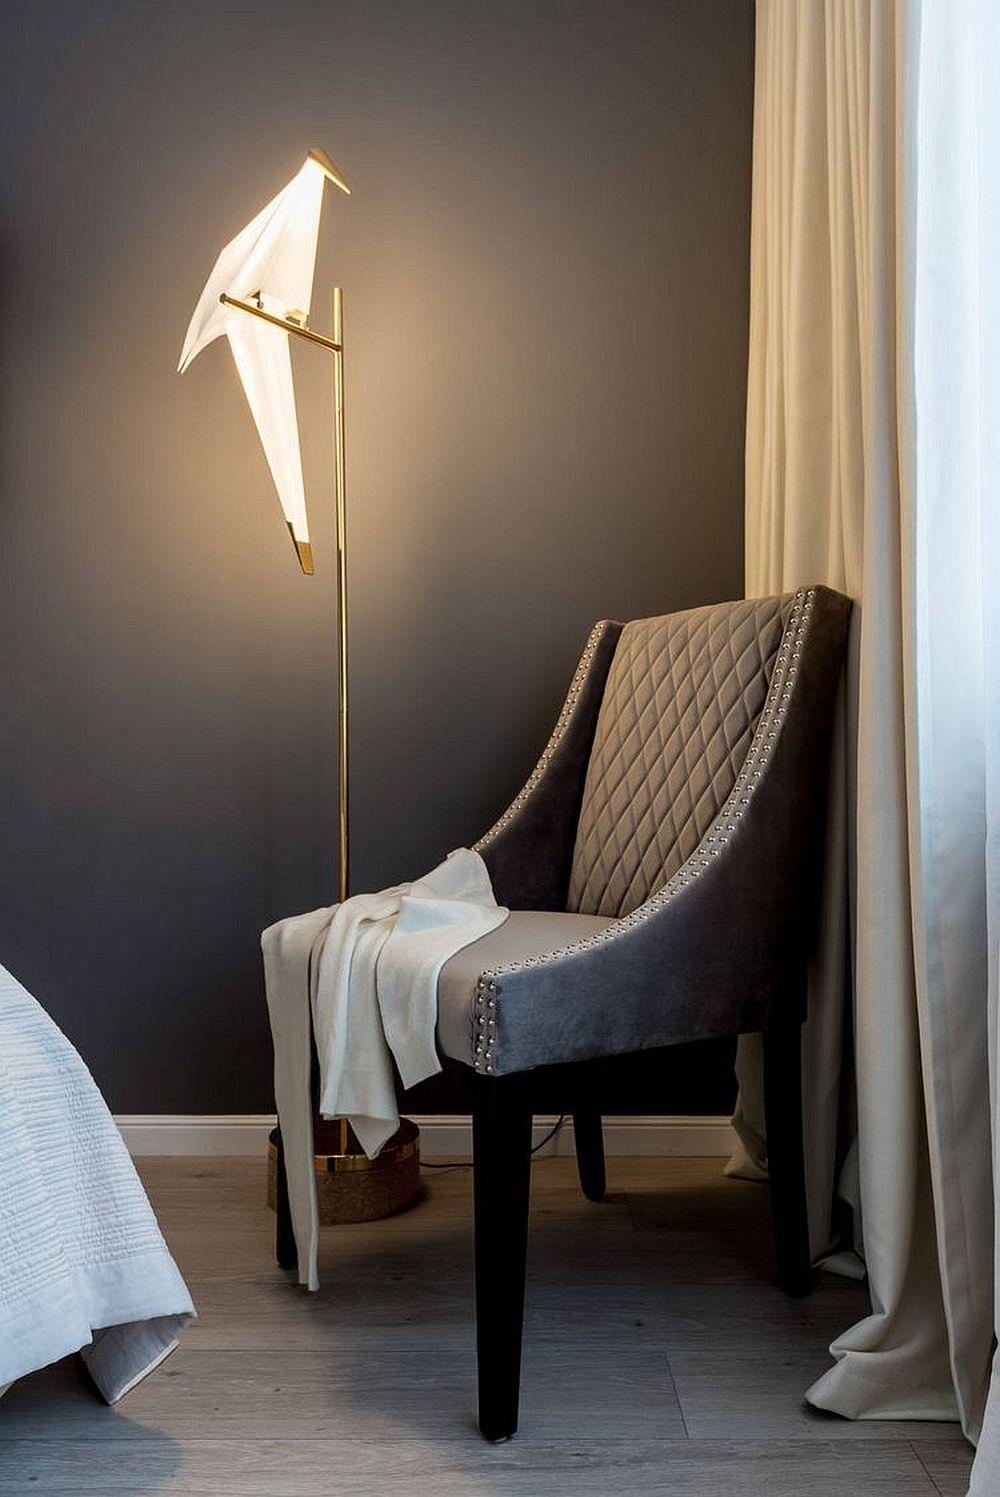 Într-un colț al dormitorului este poziționat un fotoliu pentur lectură frumos acompaniat de un lampadar deosebit.